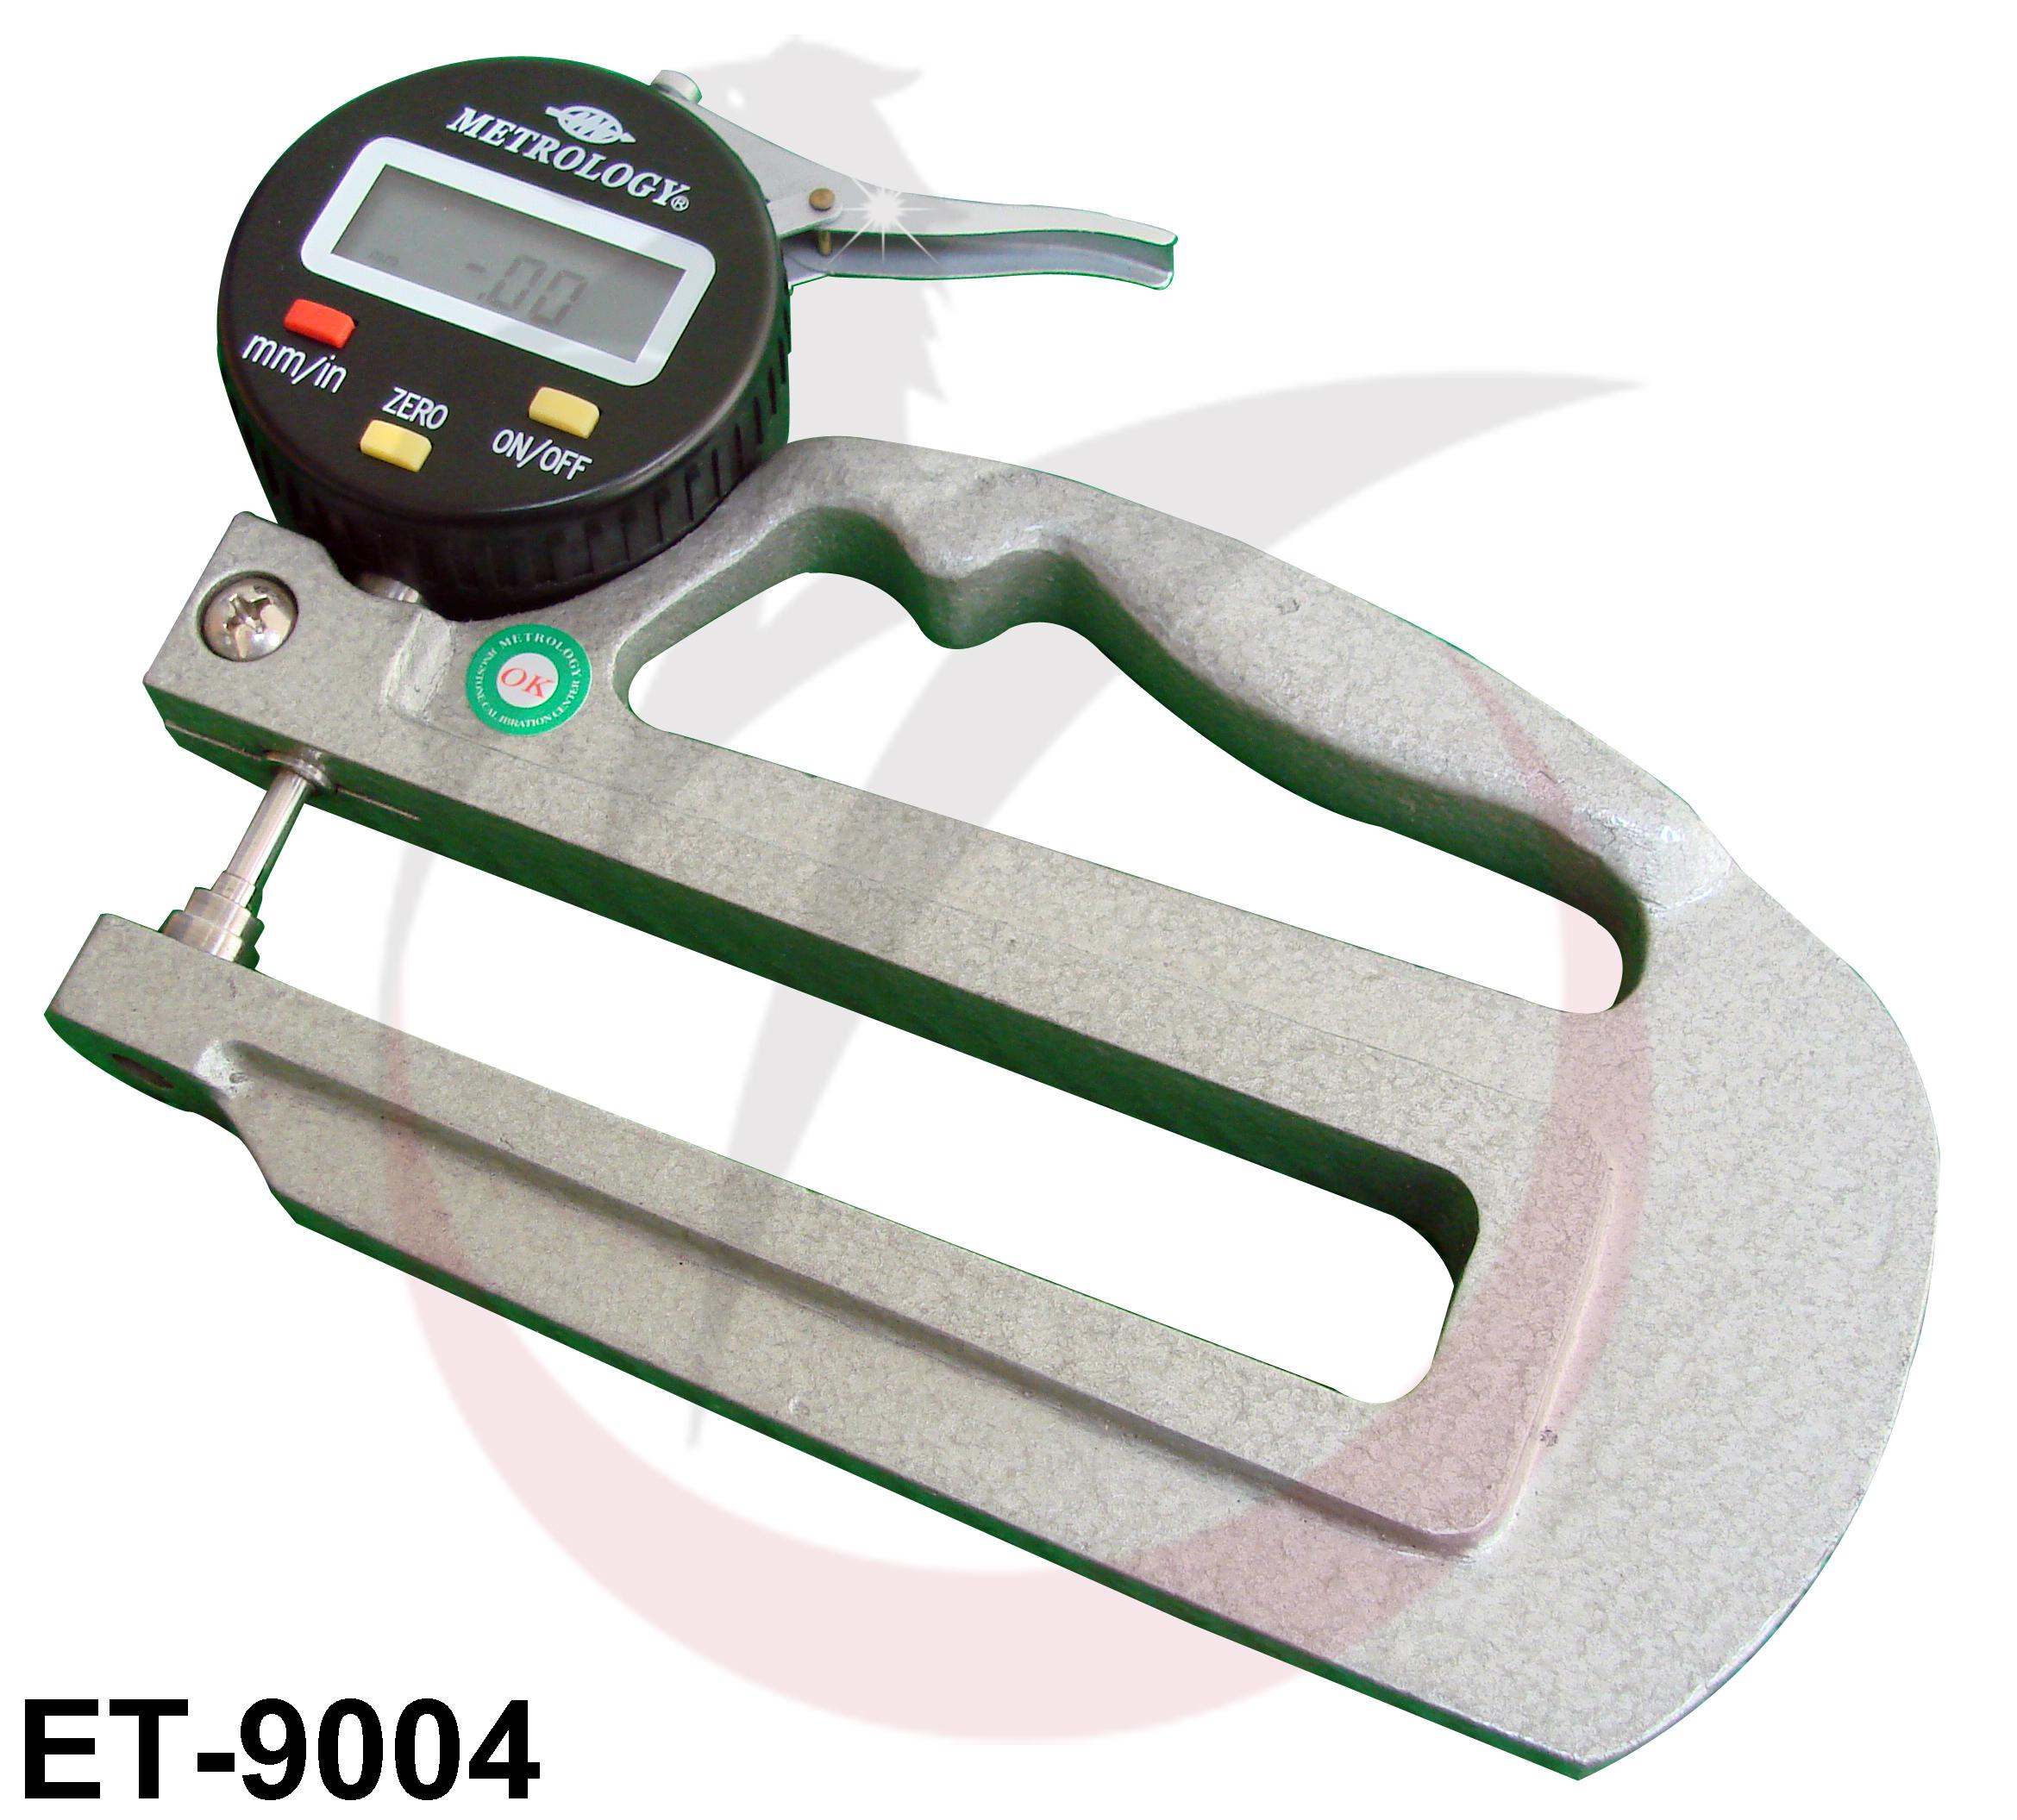 """Thiết bị đo độ dày điện tử 0-10mm/0.4"""" ET-9004 Metrology"""